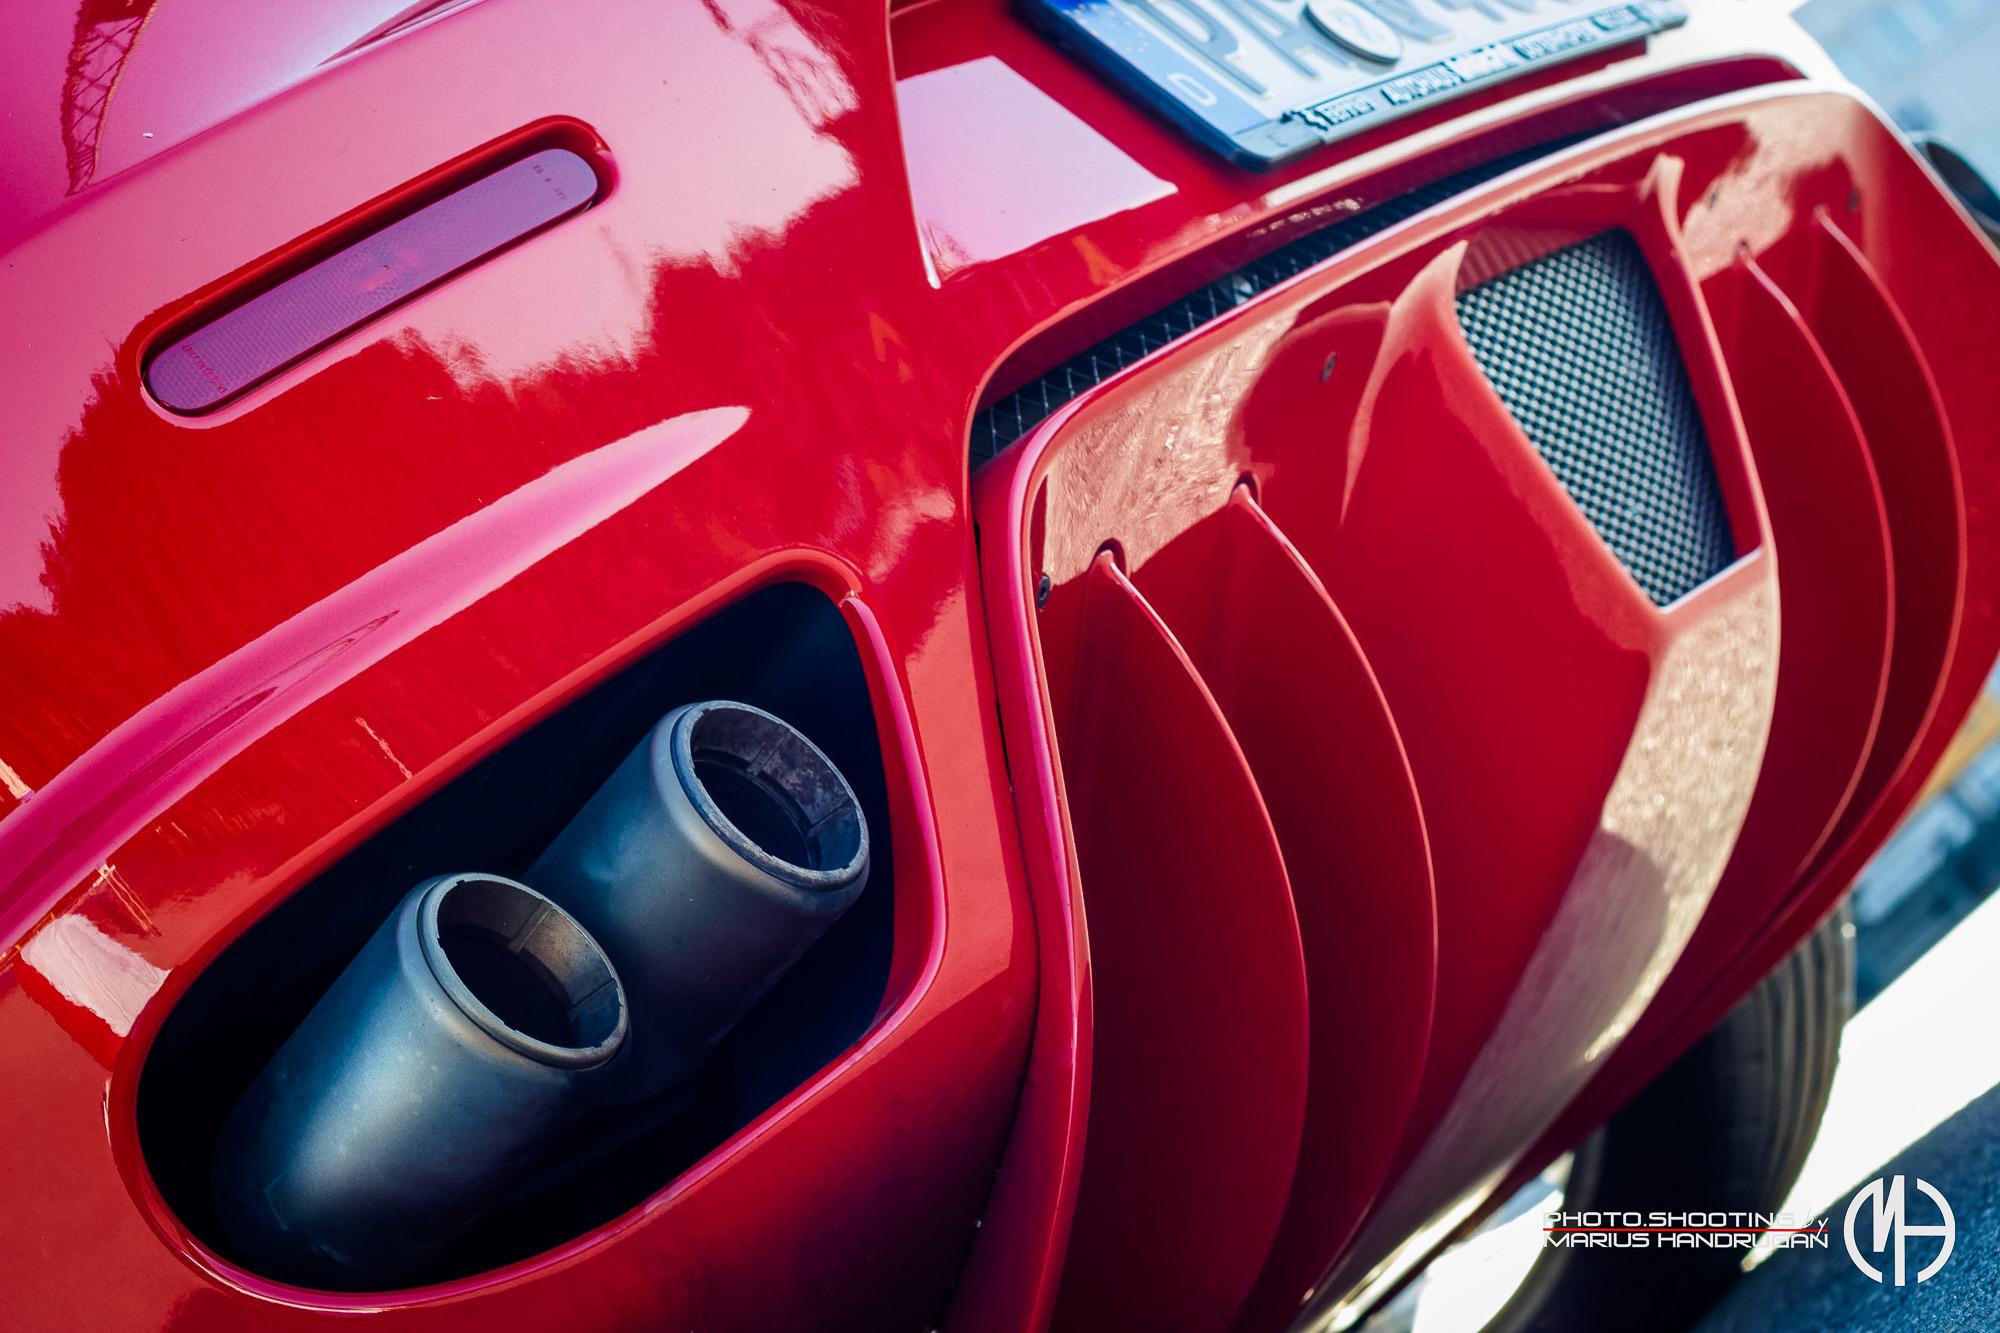 Autohaus Car Shooting